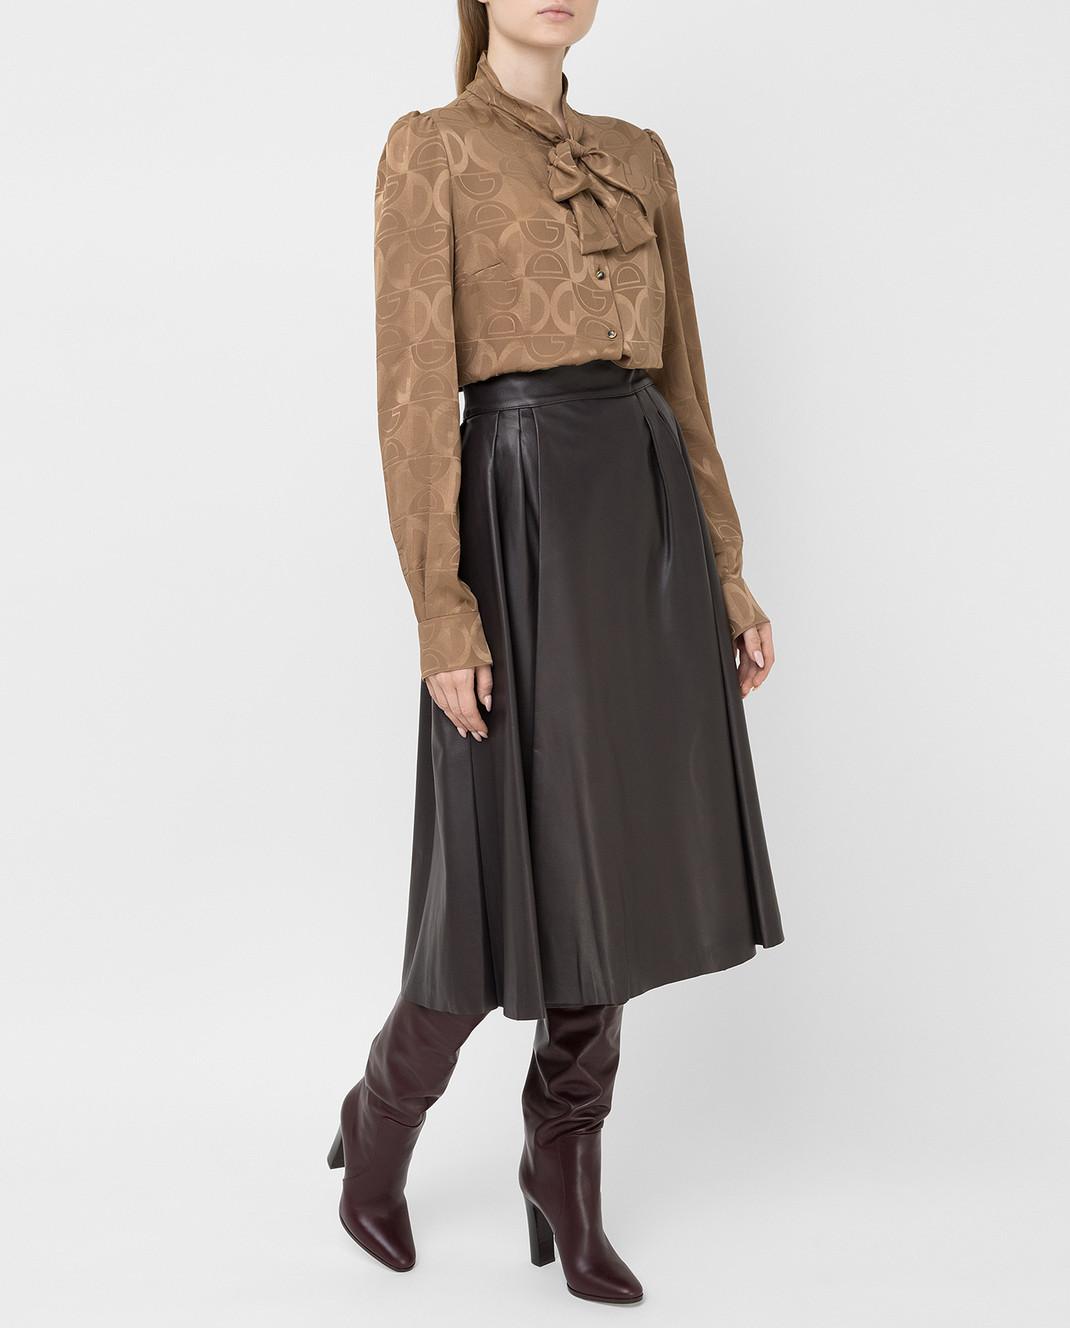 Dolce&Gabbana Коричневая юбка изображение 2